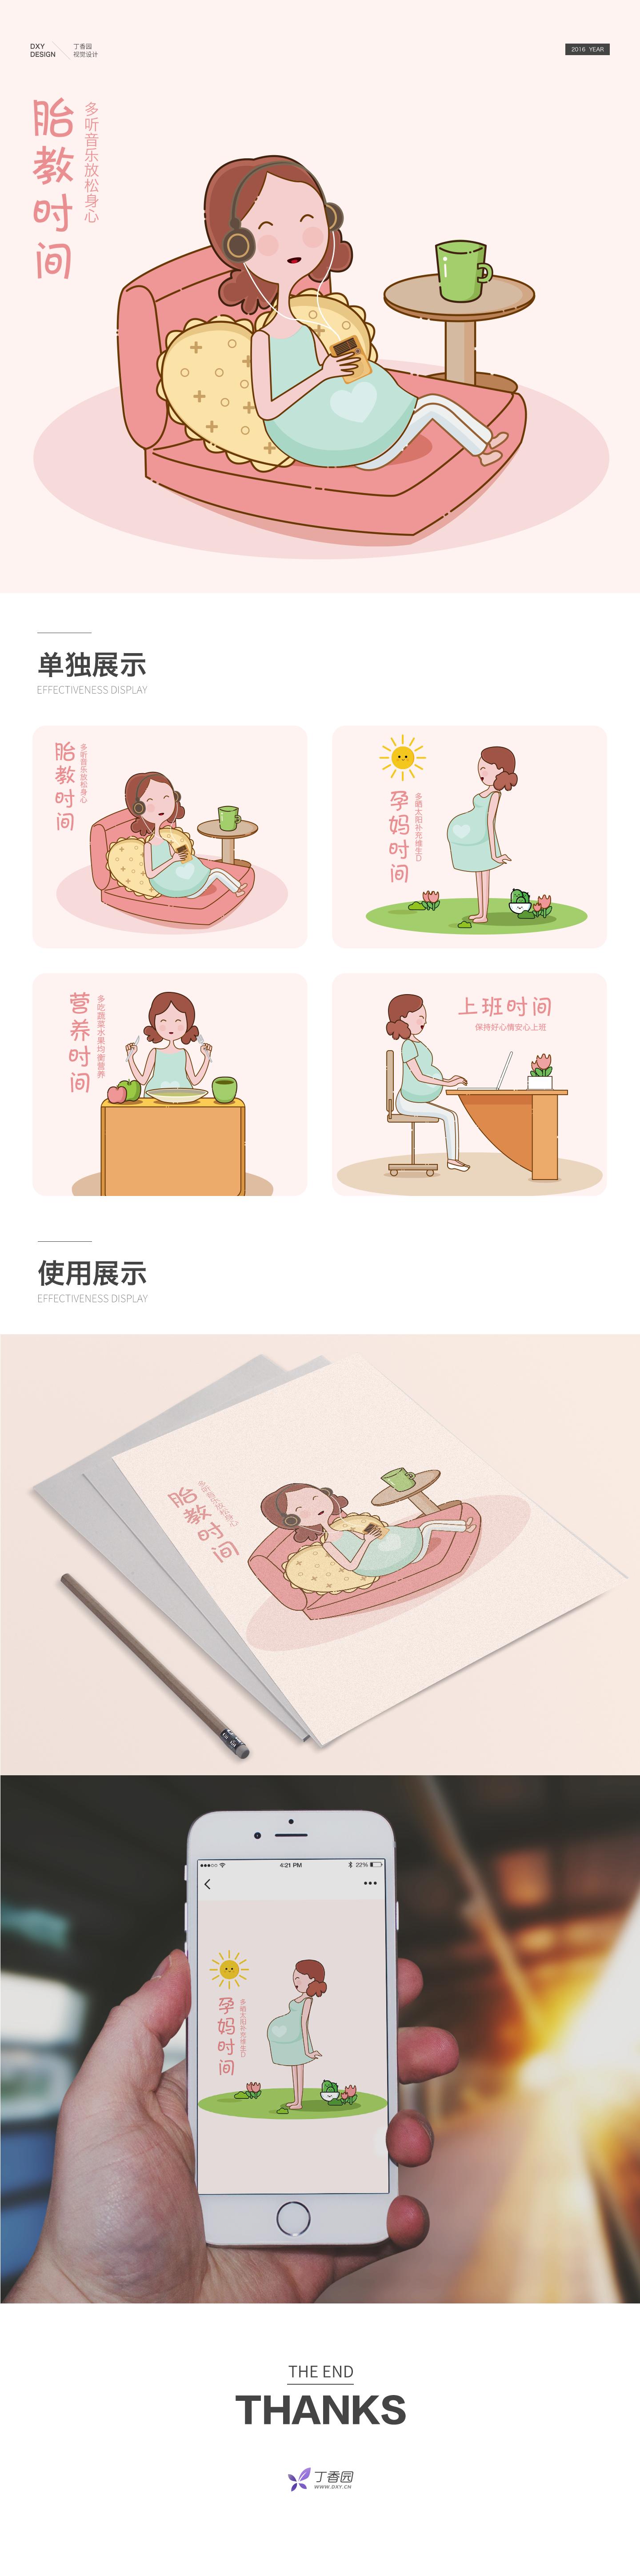 原创手绘场景-孕妇生活